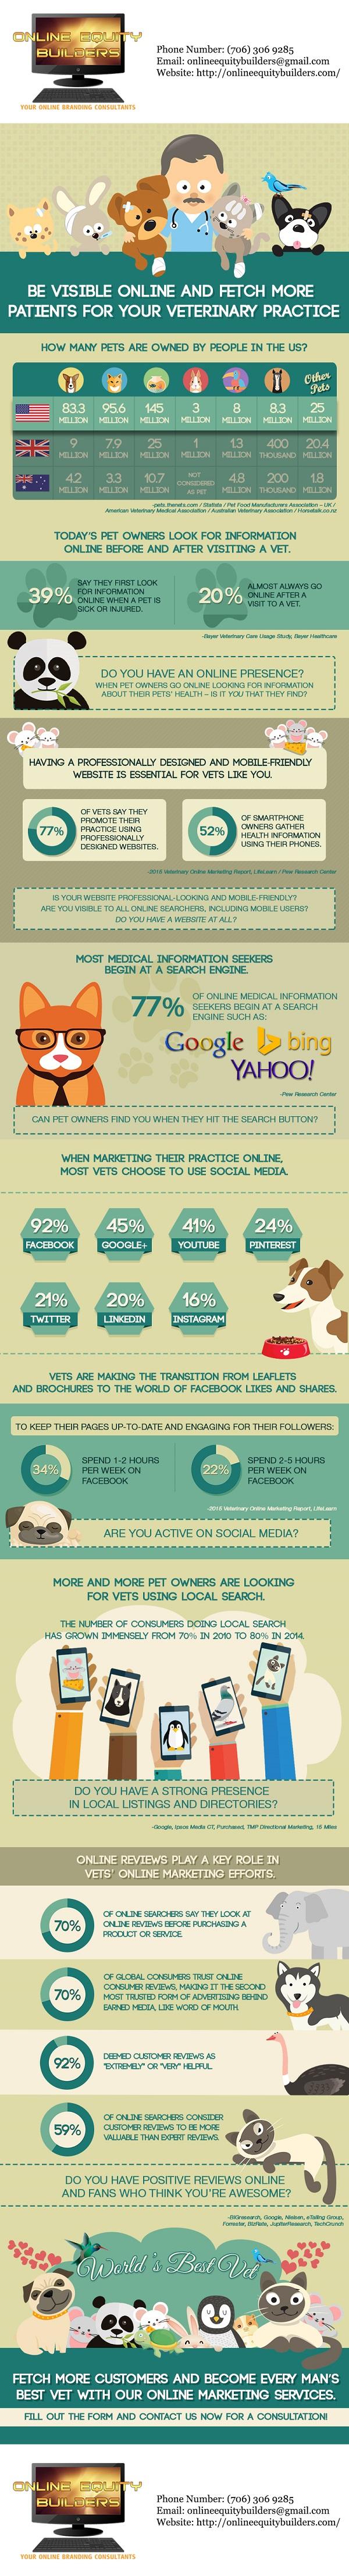 OnlineEquityBuilders.com-Marketing-for-Vets-Infographic-US